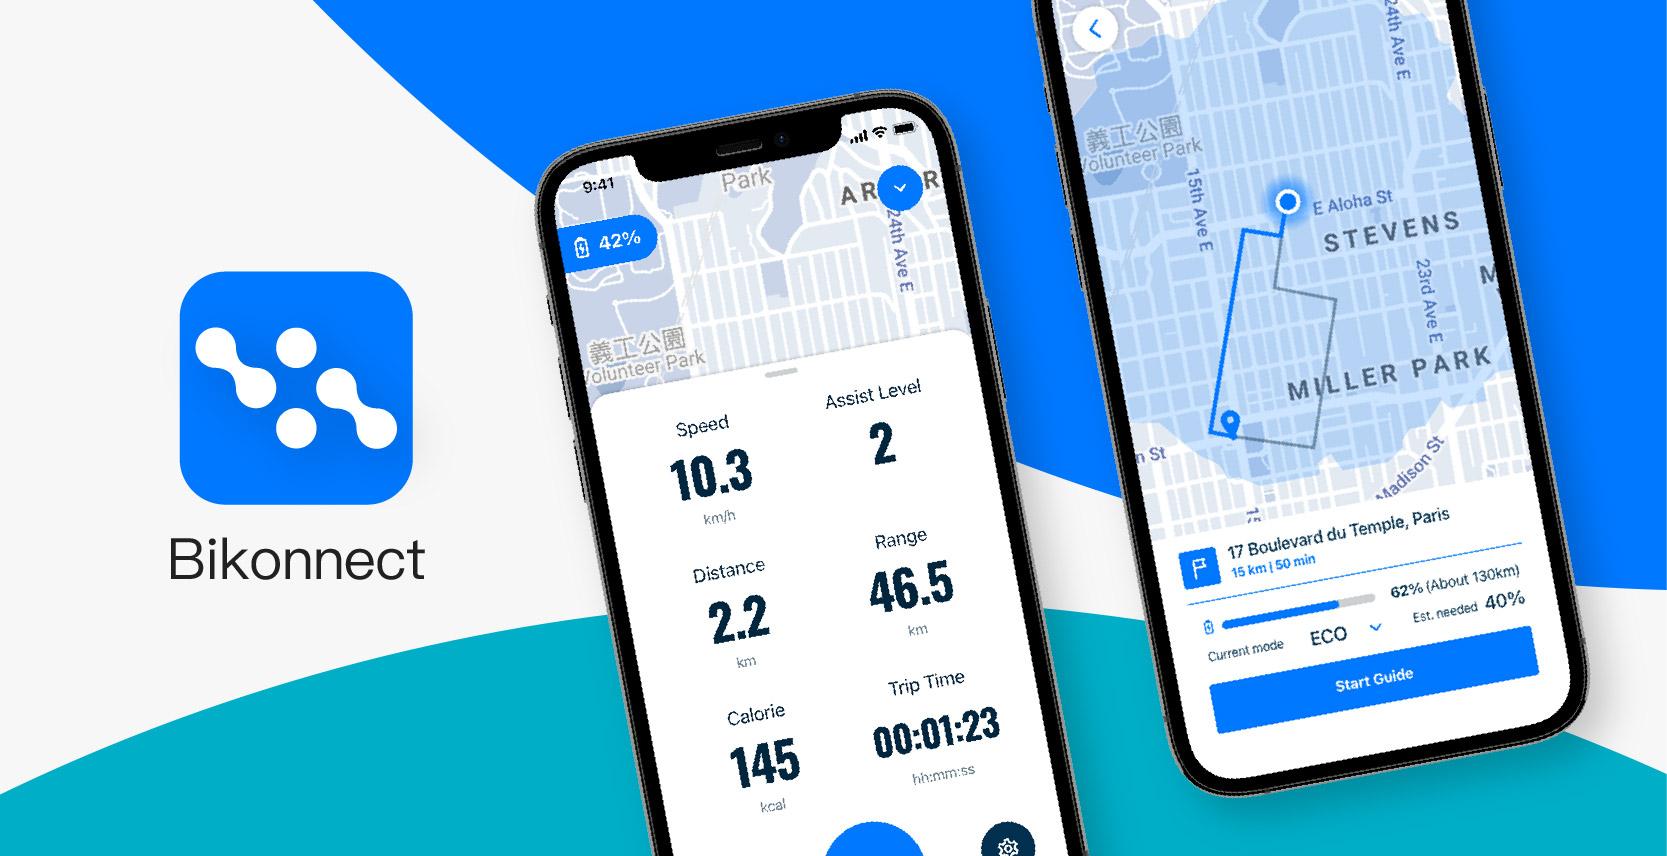 Bikonnect E-Bike App